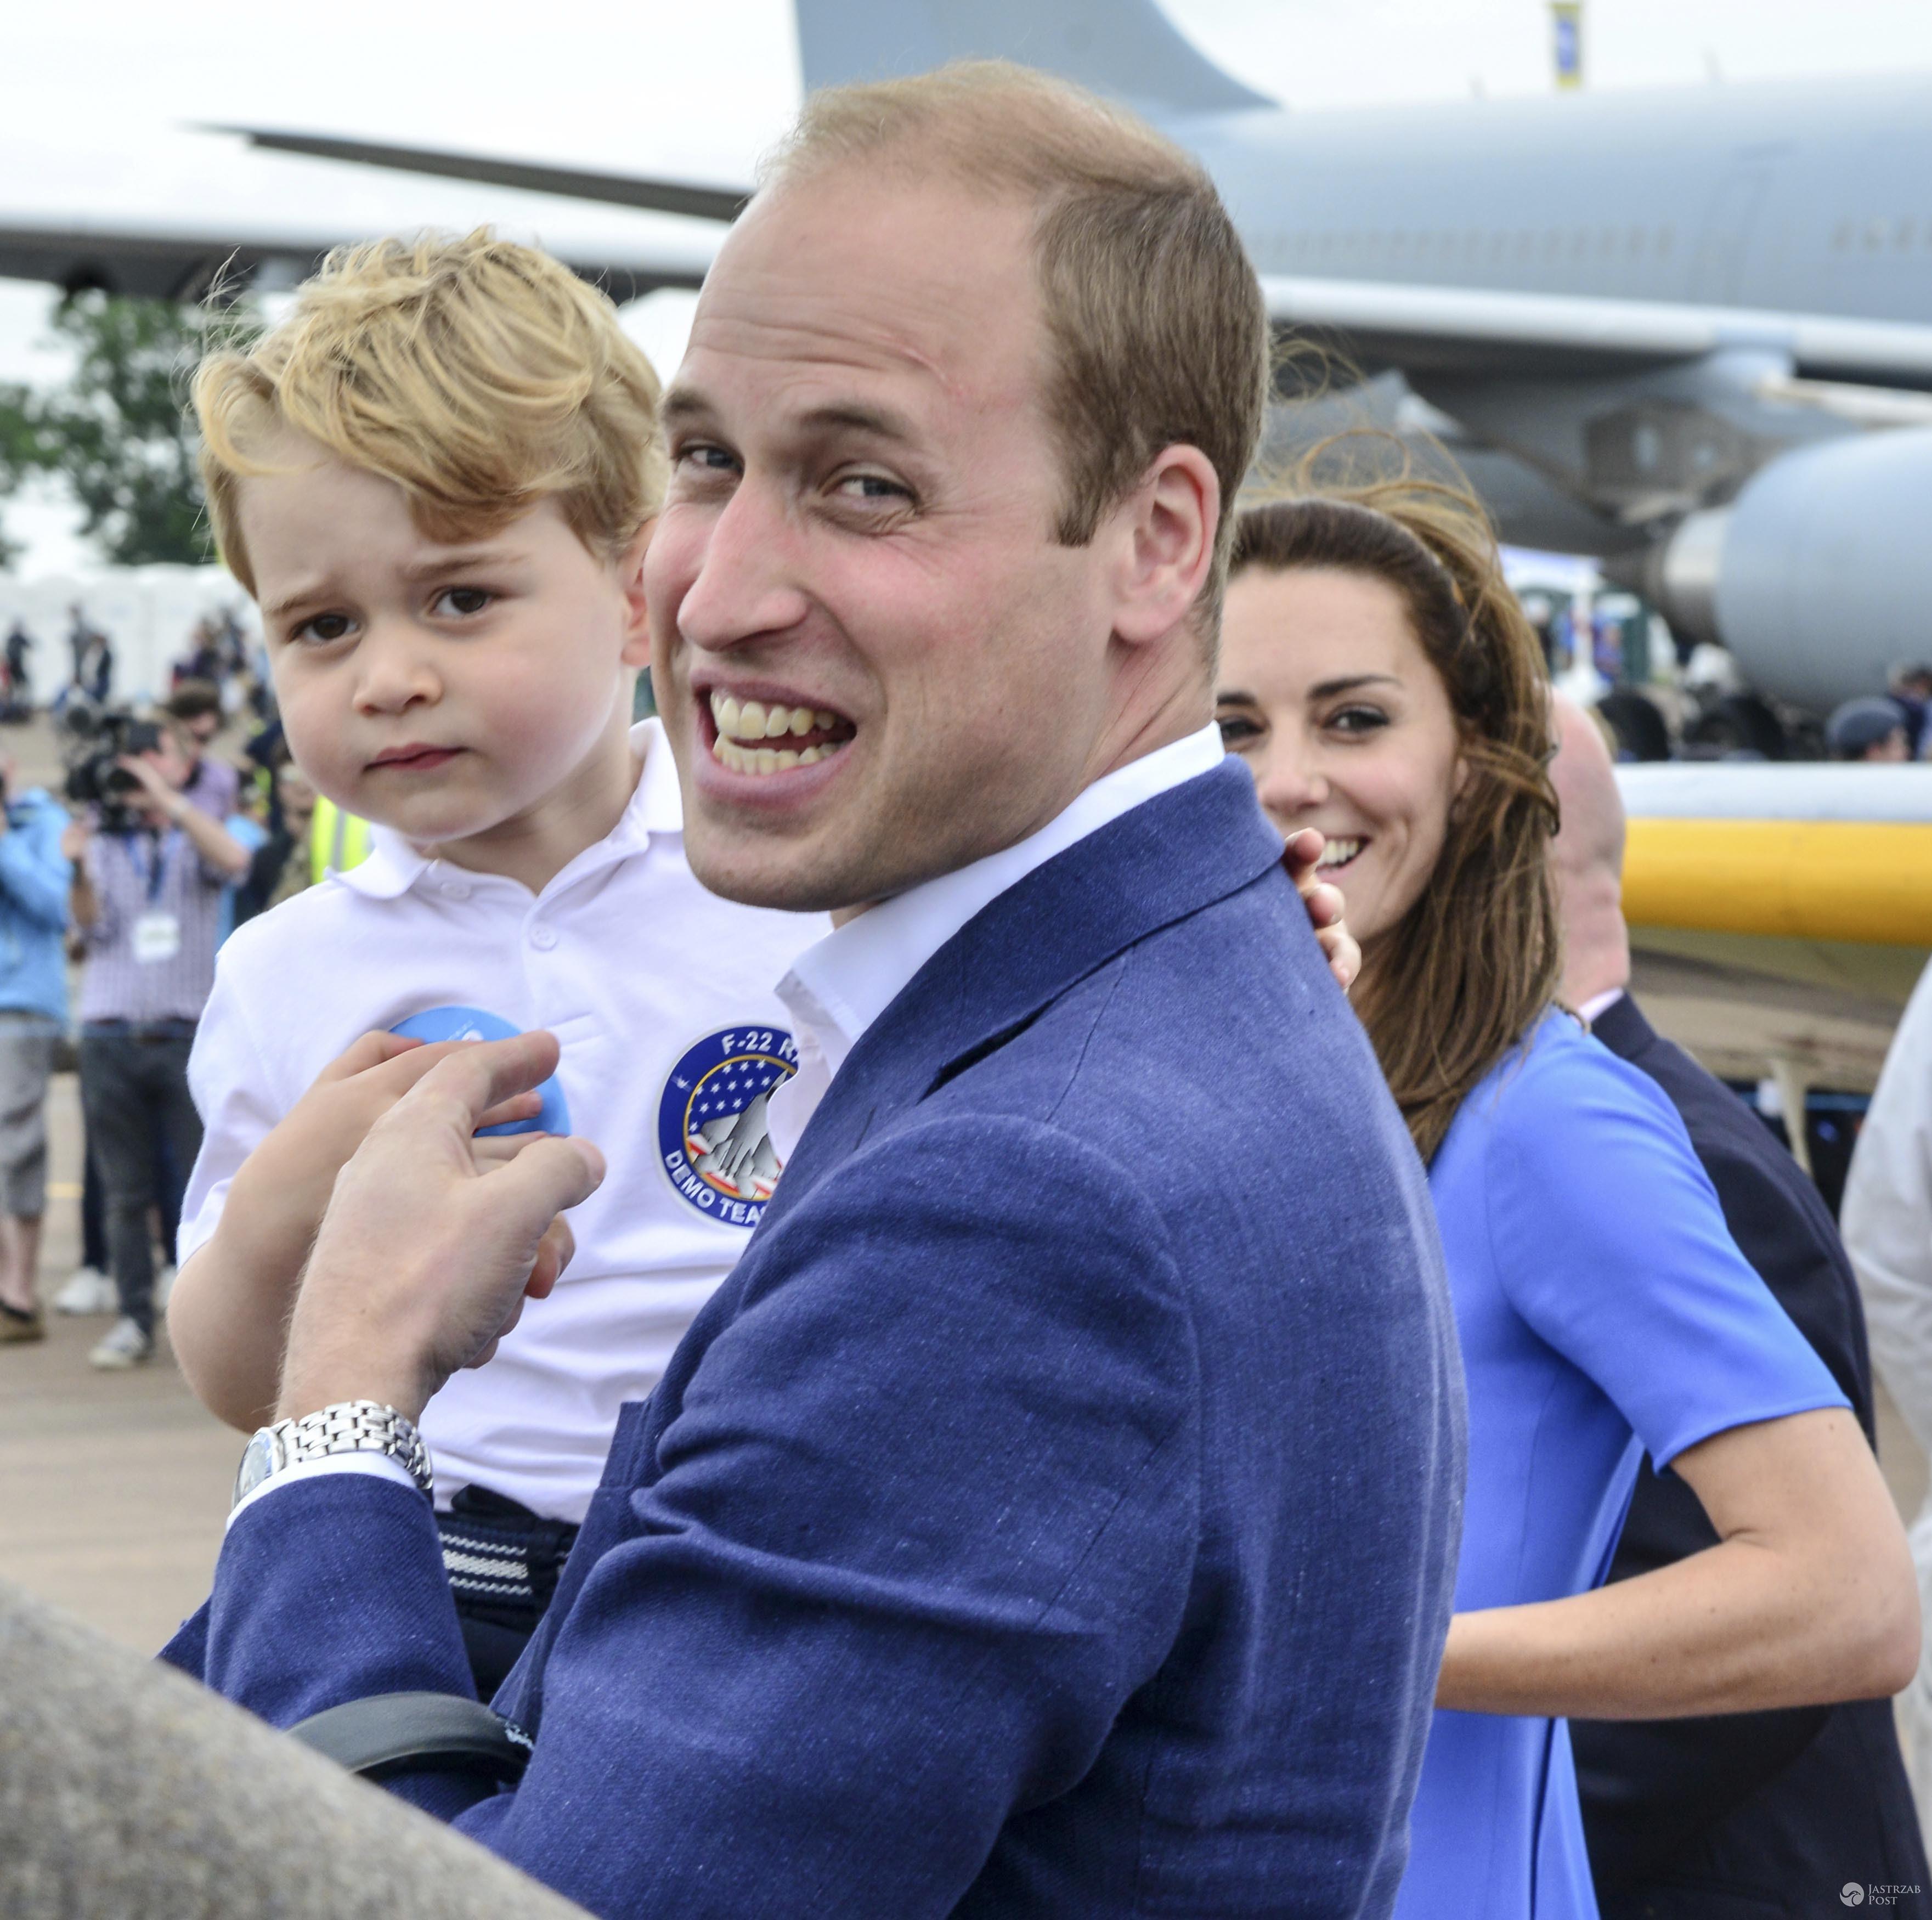 Książę George z rodzicami - księciem Williamem i księżną Kate (fot. ONS)